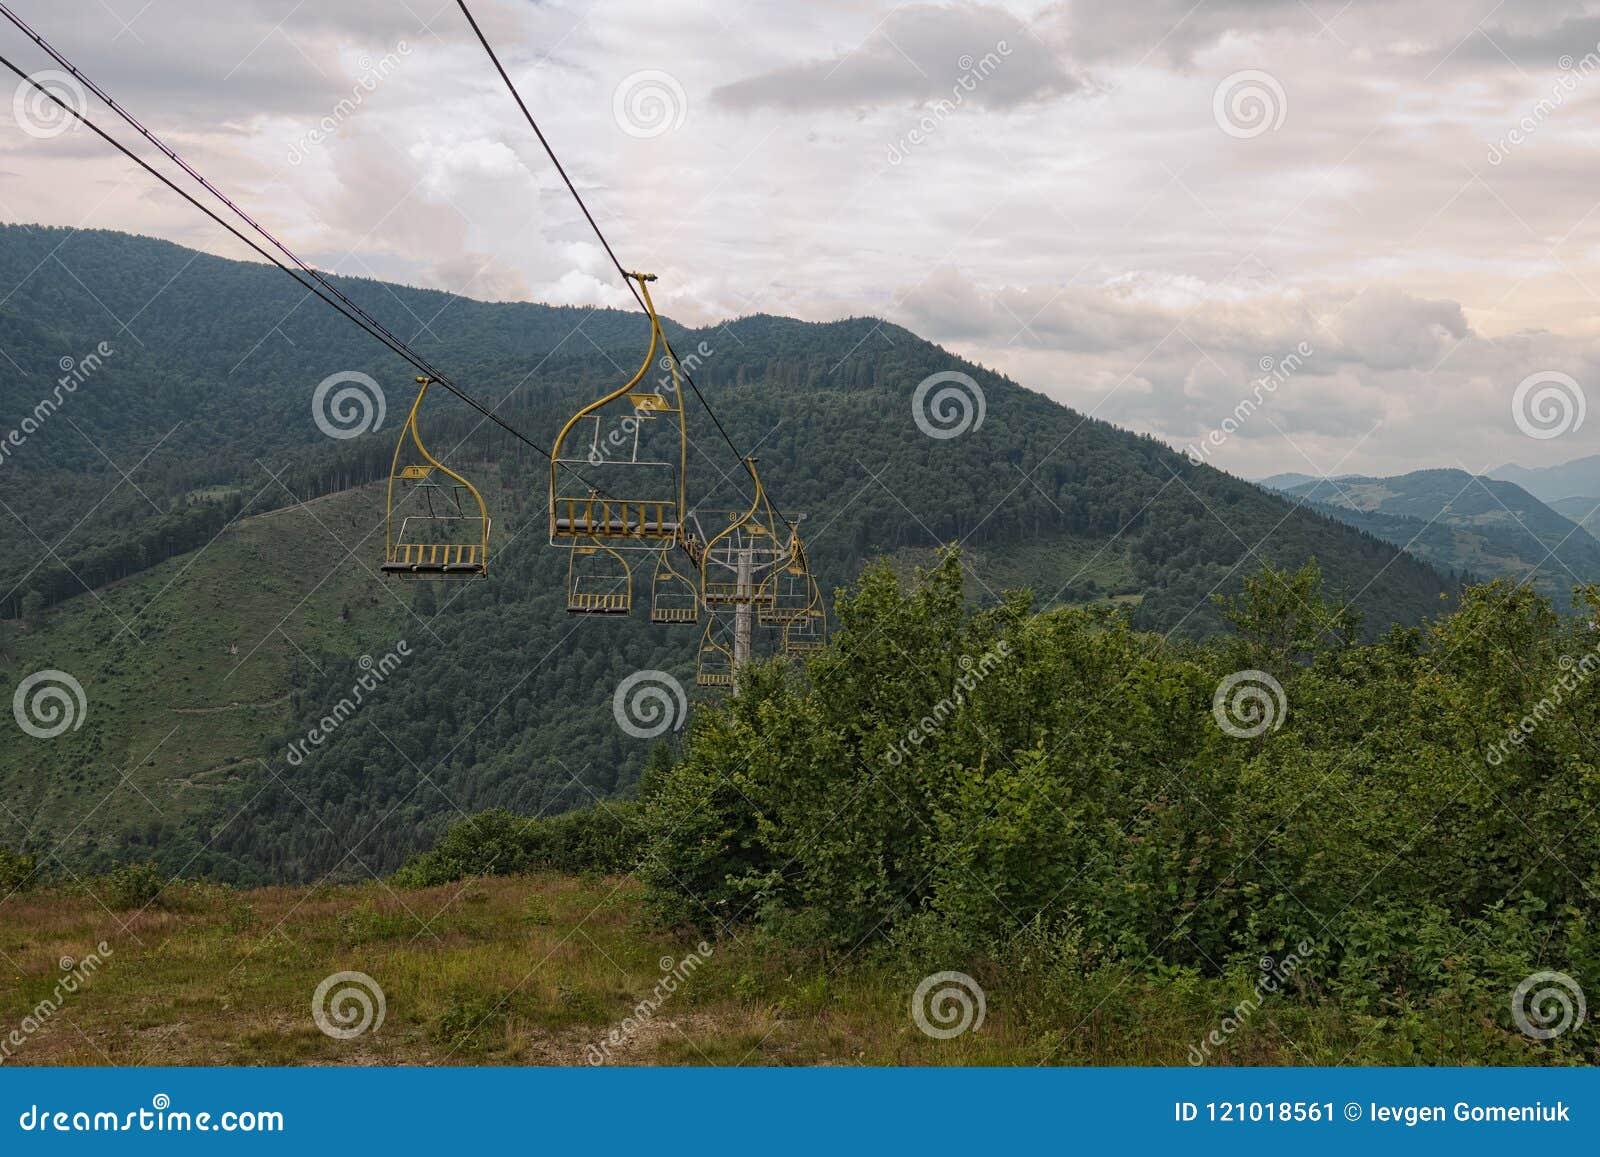 Sesselliftskiaufzug in den Karpatenbergen, die von der Bergstation führen Transportieren von Wanderern in der Sommersaison